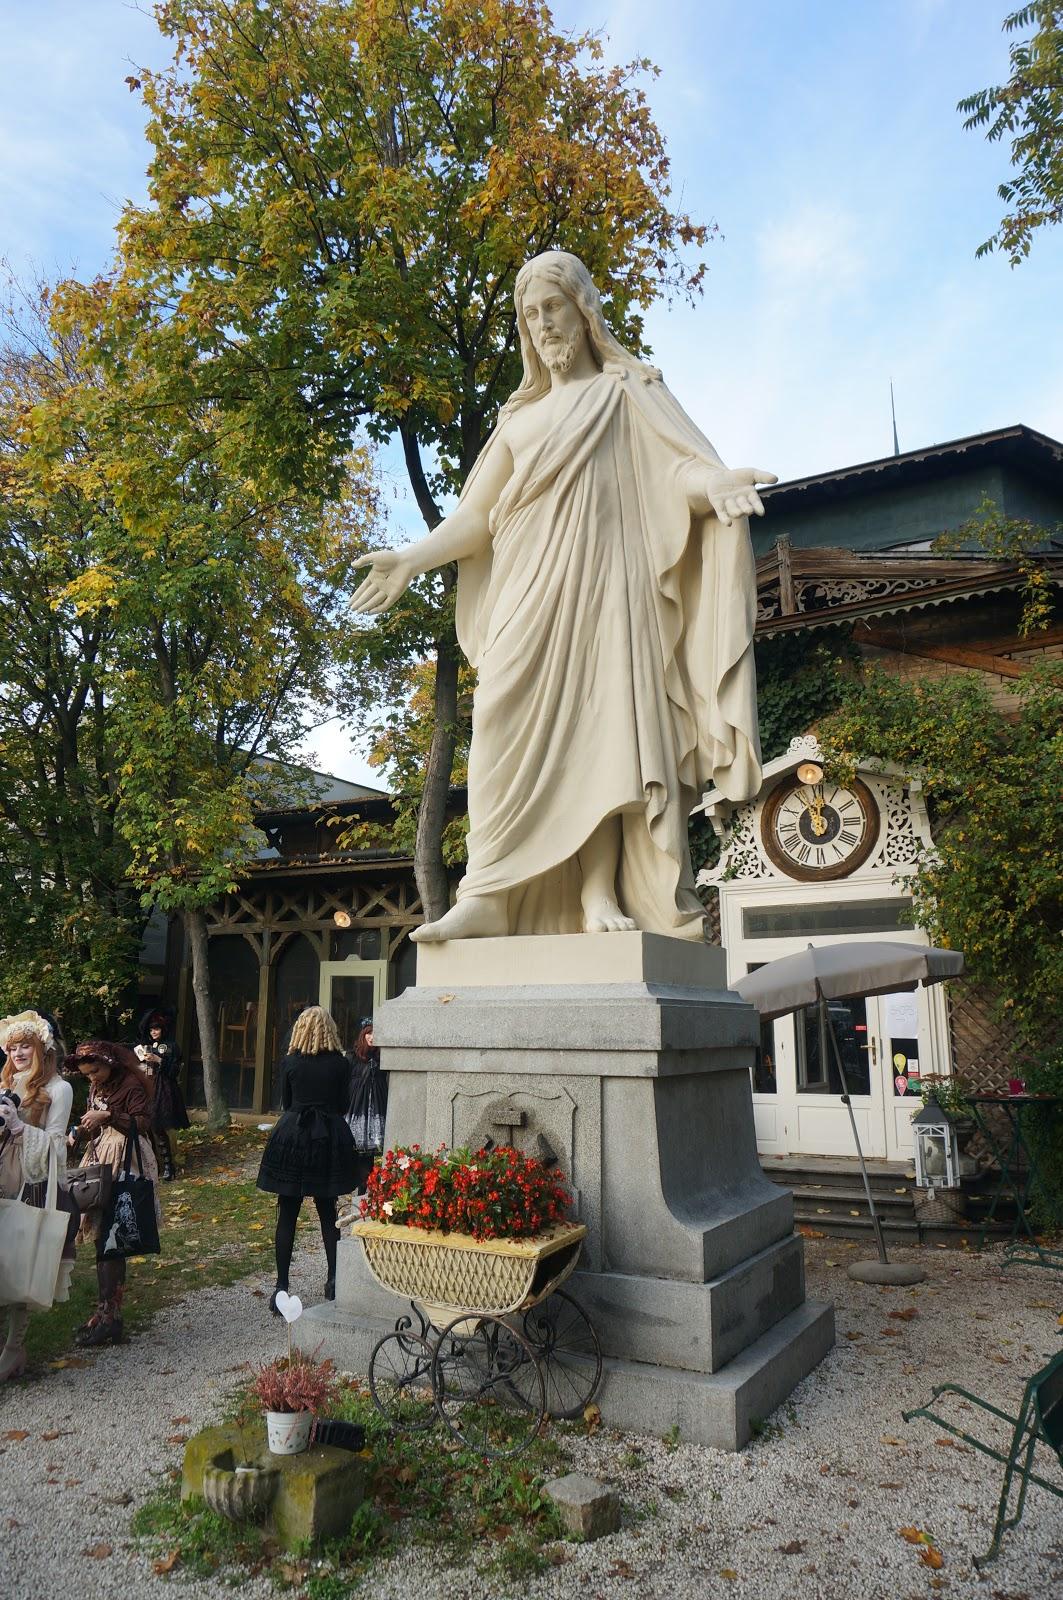 Wiedeń w jeden dzień, wycieczka do Wiednia, Wiedeń cmentarz, Wiedeń concordia